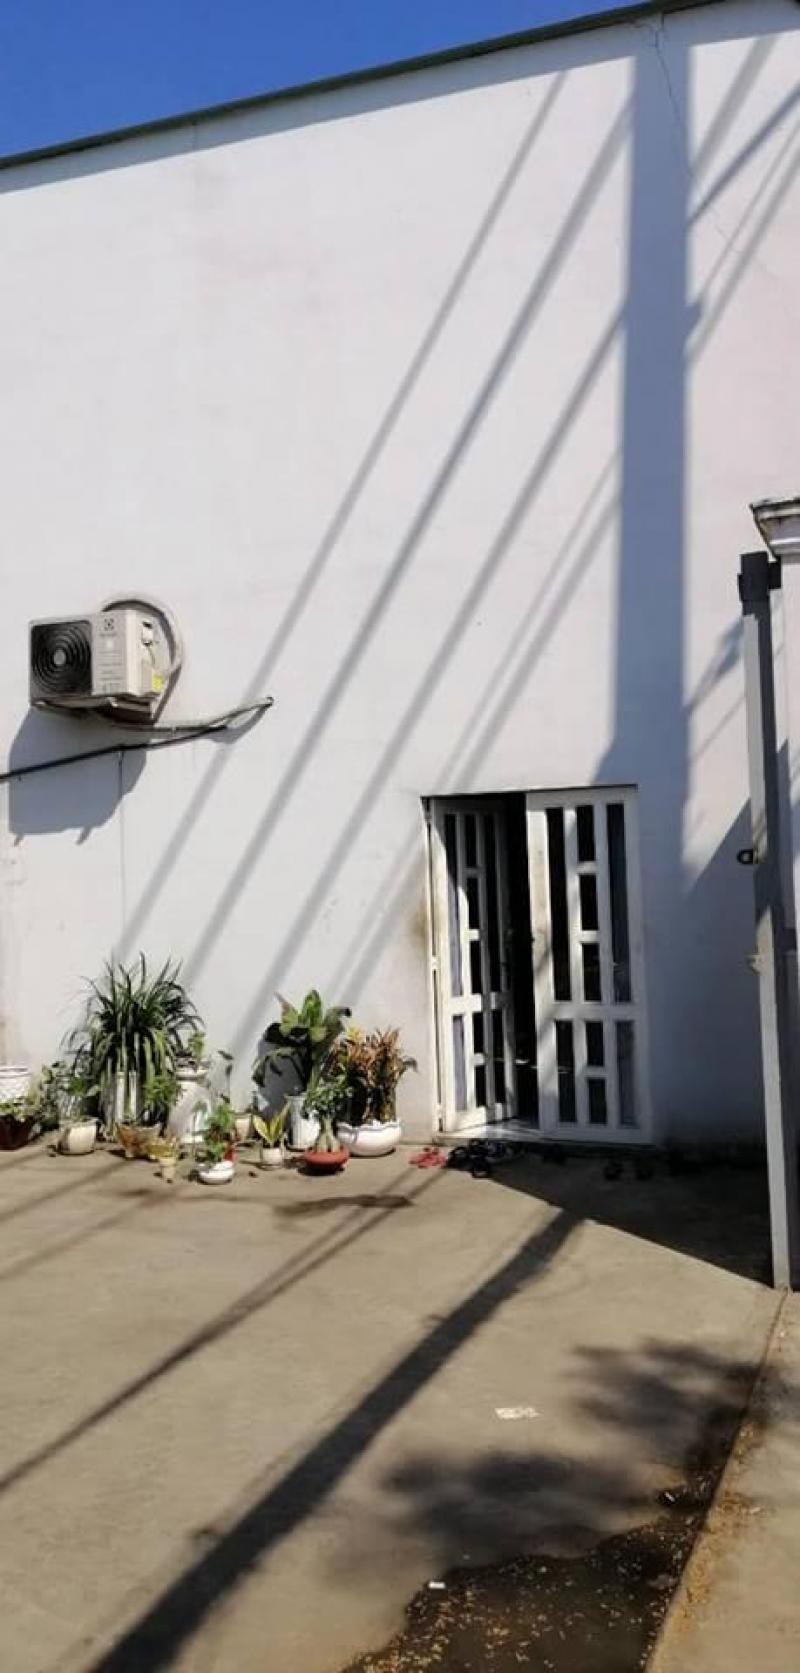 Cần cho thuê kho 20m * 50m mặt tiền đường Trần Văn Giàu, giá 70 triệu/ tháng